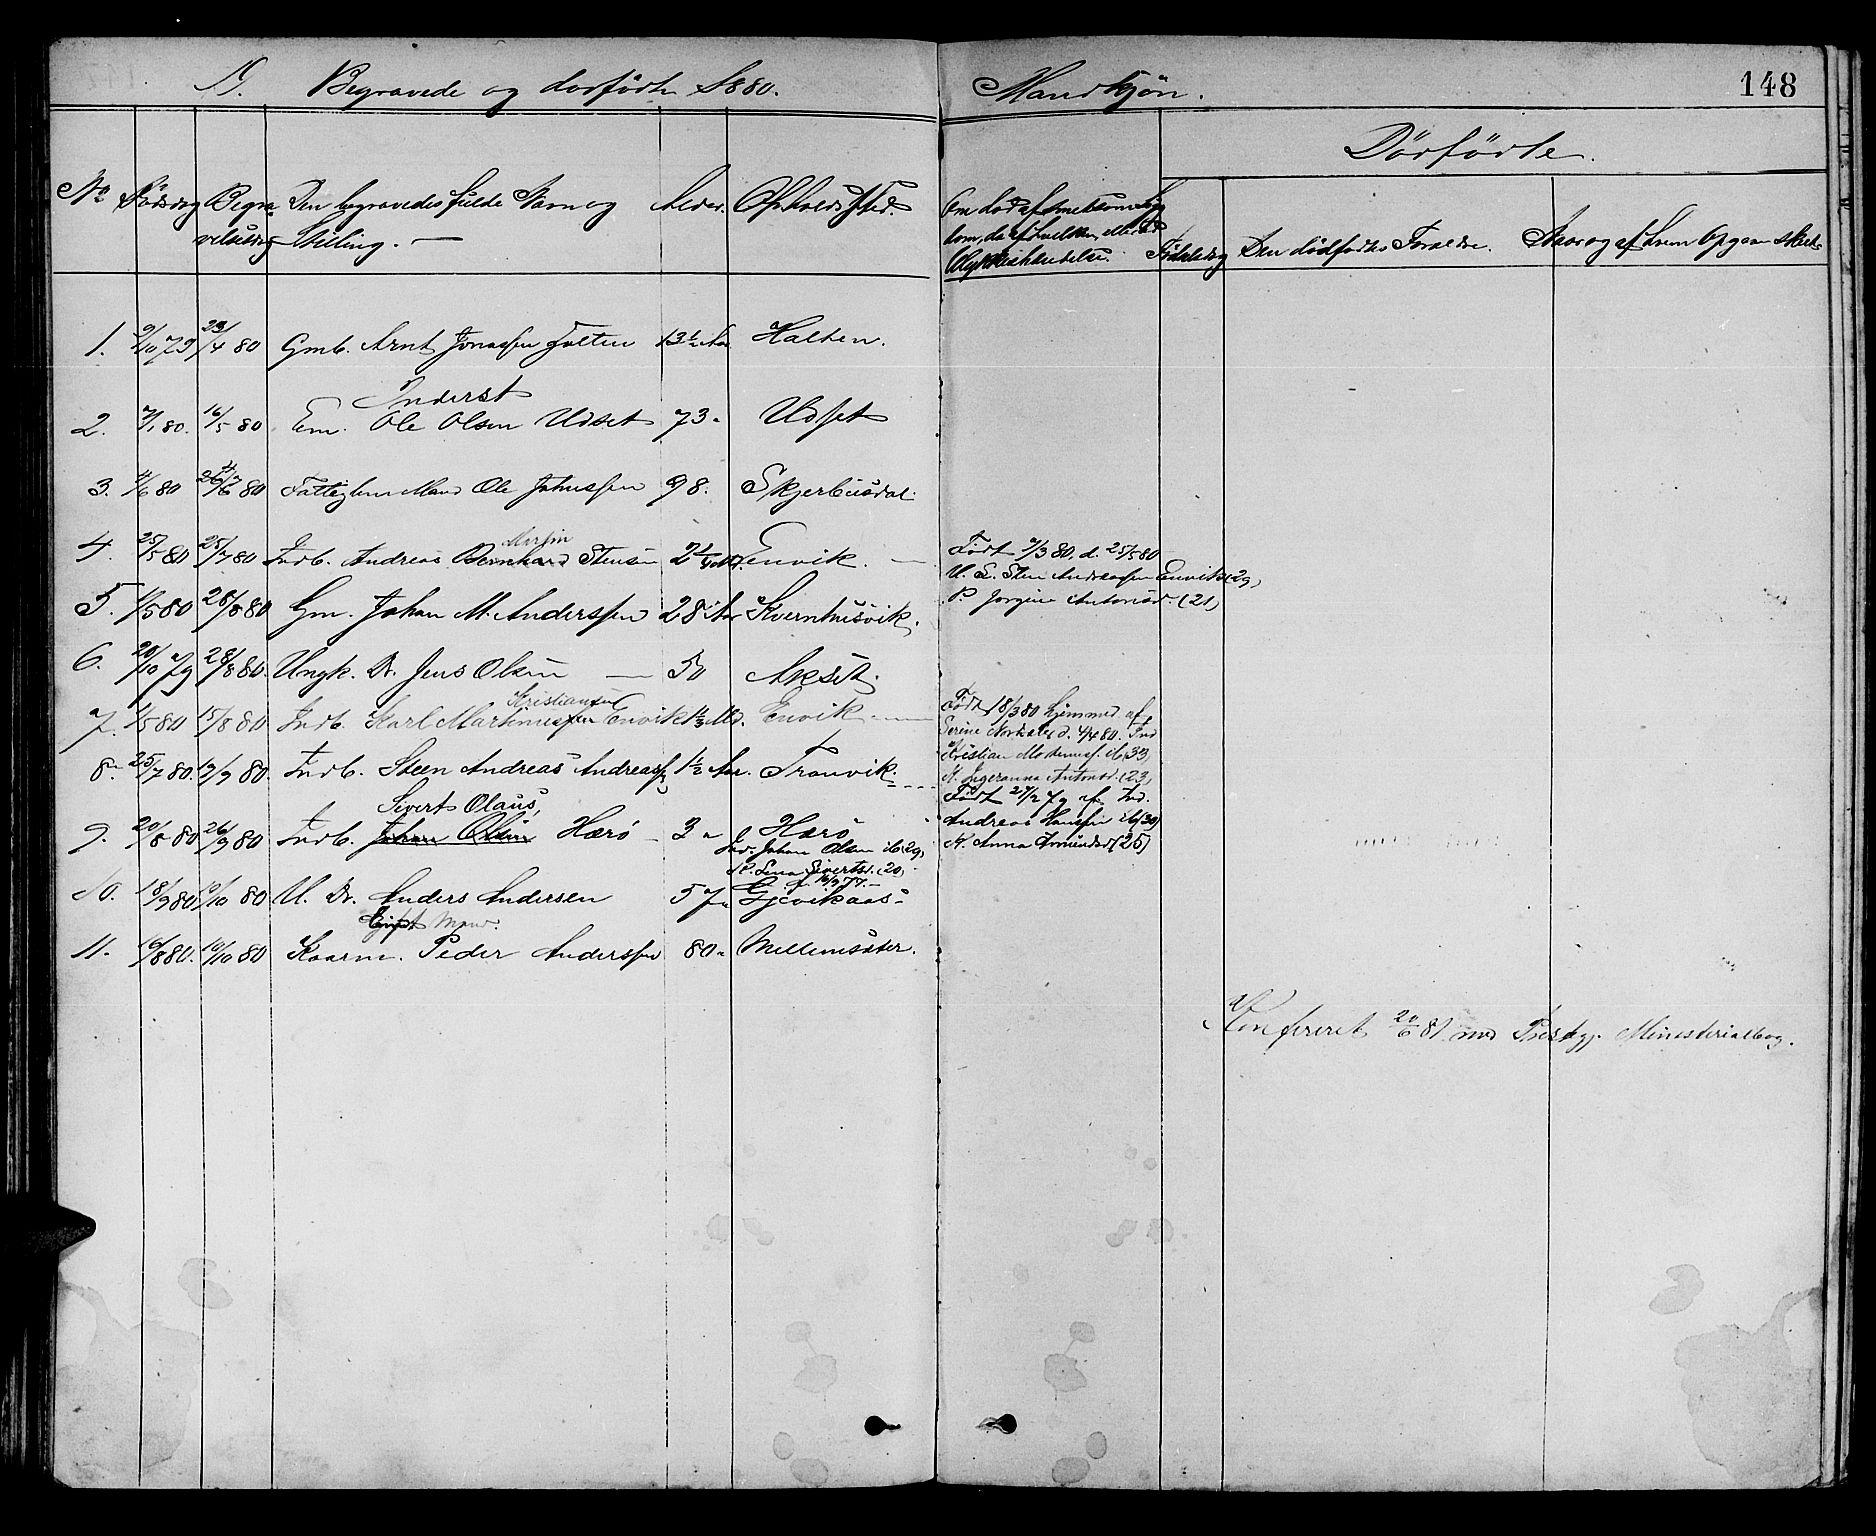 SAT, Ministerialprotokoller, klokkerbøker og fødselsregistre - Sør-Trøndelag, 637/L0561: Klokkerbok nr. 637C02, 1873-1882, s. 148